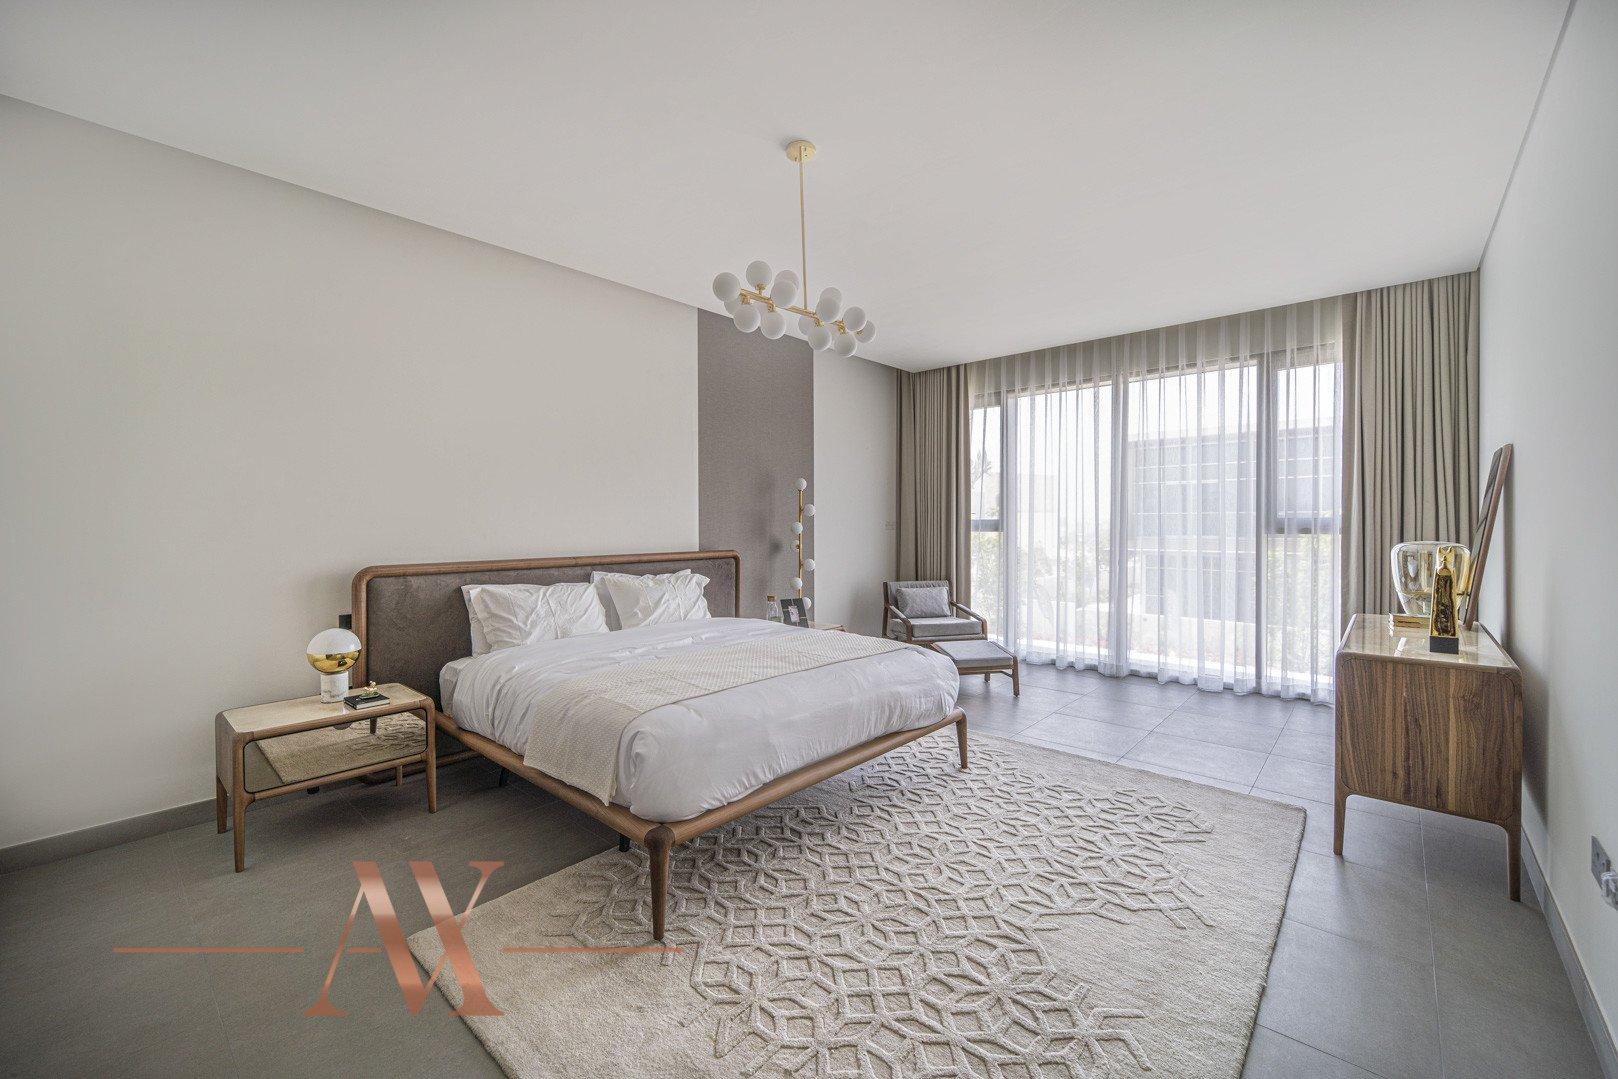 Villa en venta en Dubai, EAU, 4 dormitorios, 659.6 m2, № 23710 – foto 11